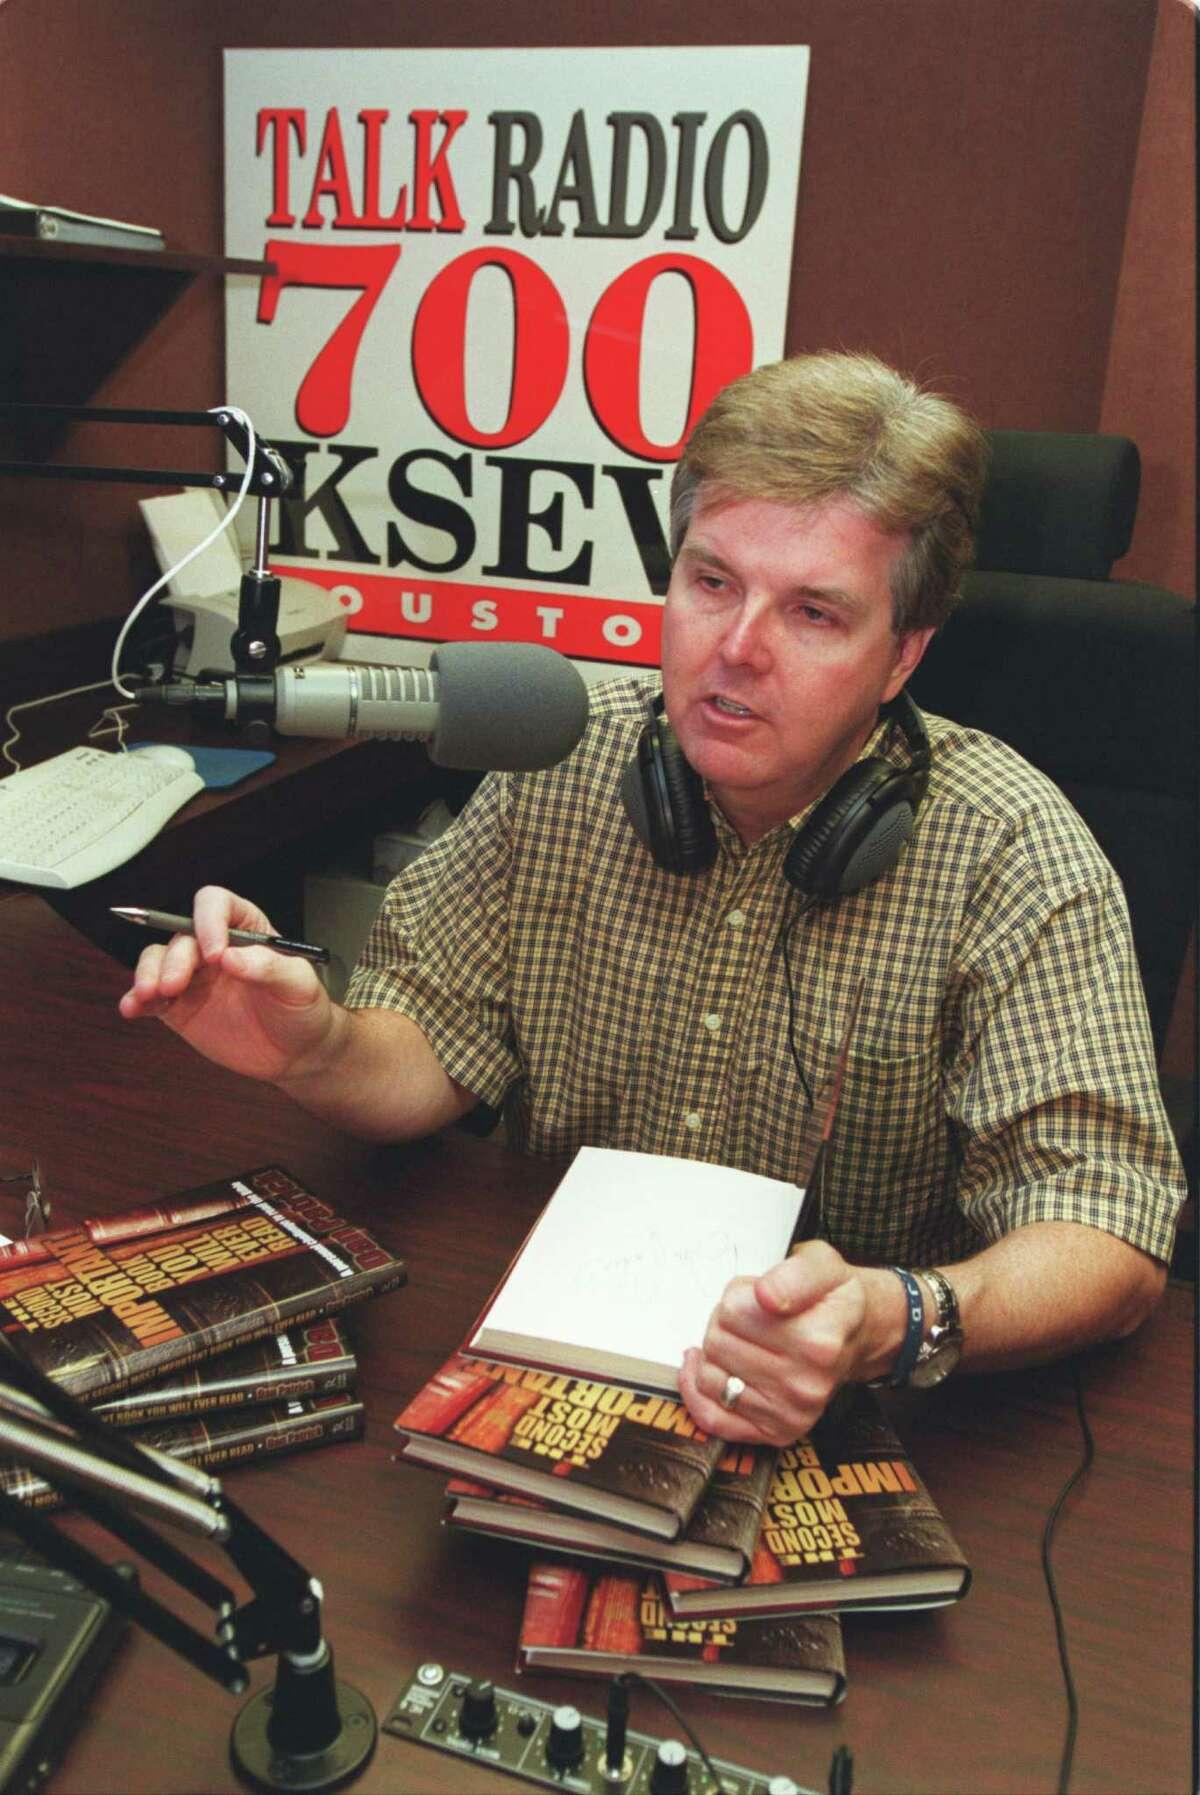 KSEV-AM (700) Rating: 0.3Format: News/talkOwner: Patrick BroadcastingPictured above: Dan Patrick owned KSEV radio in 2002.